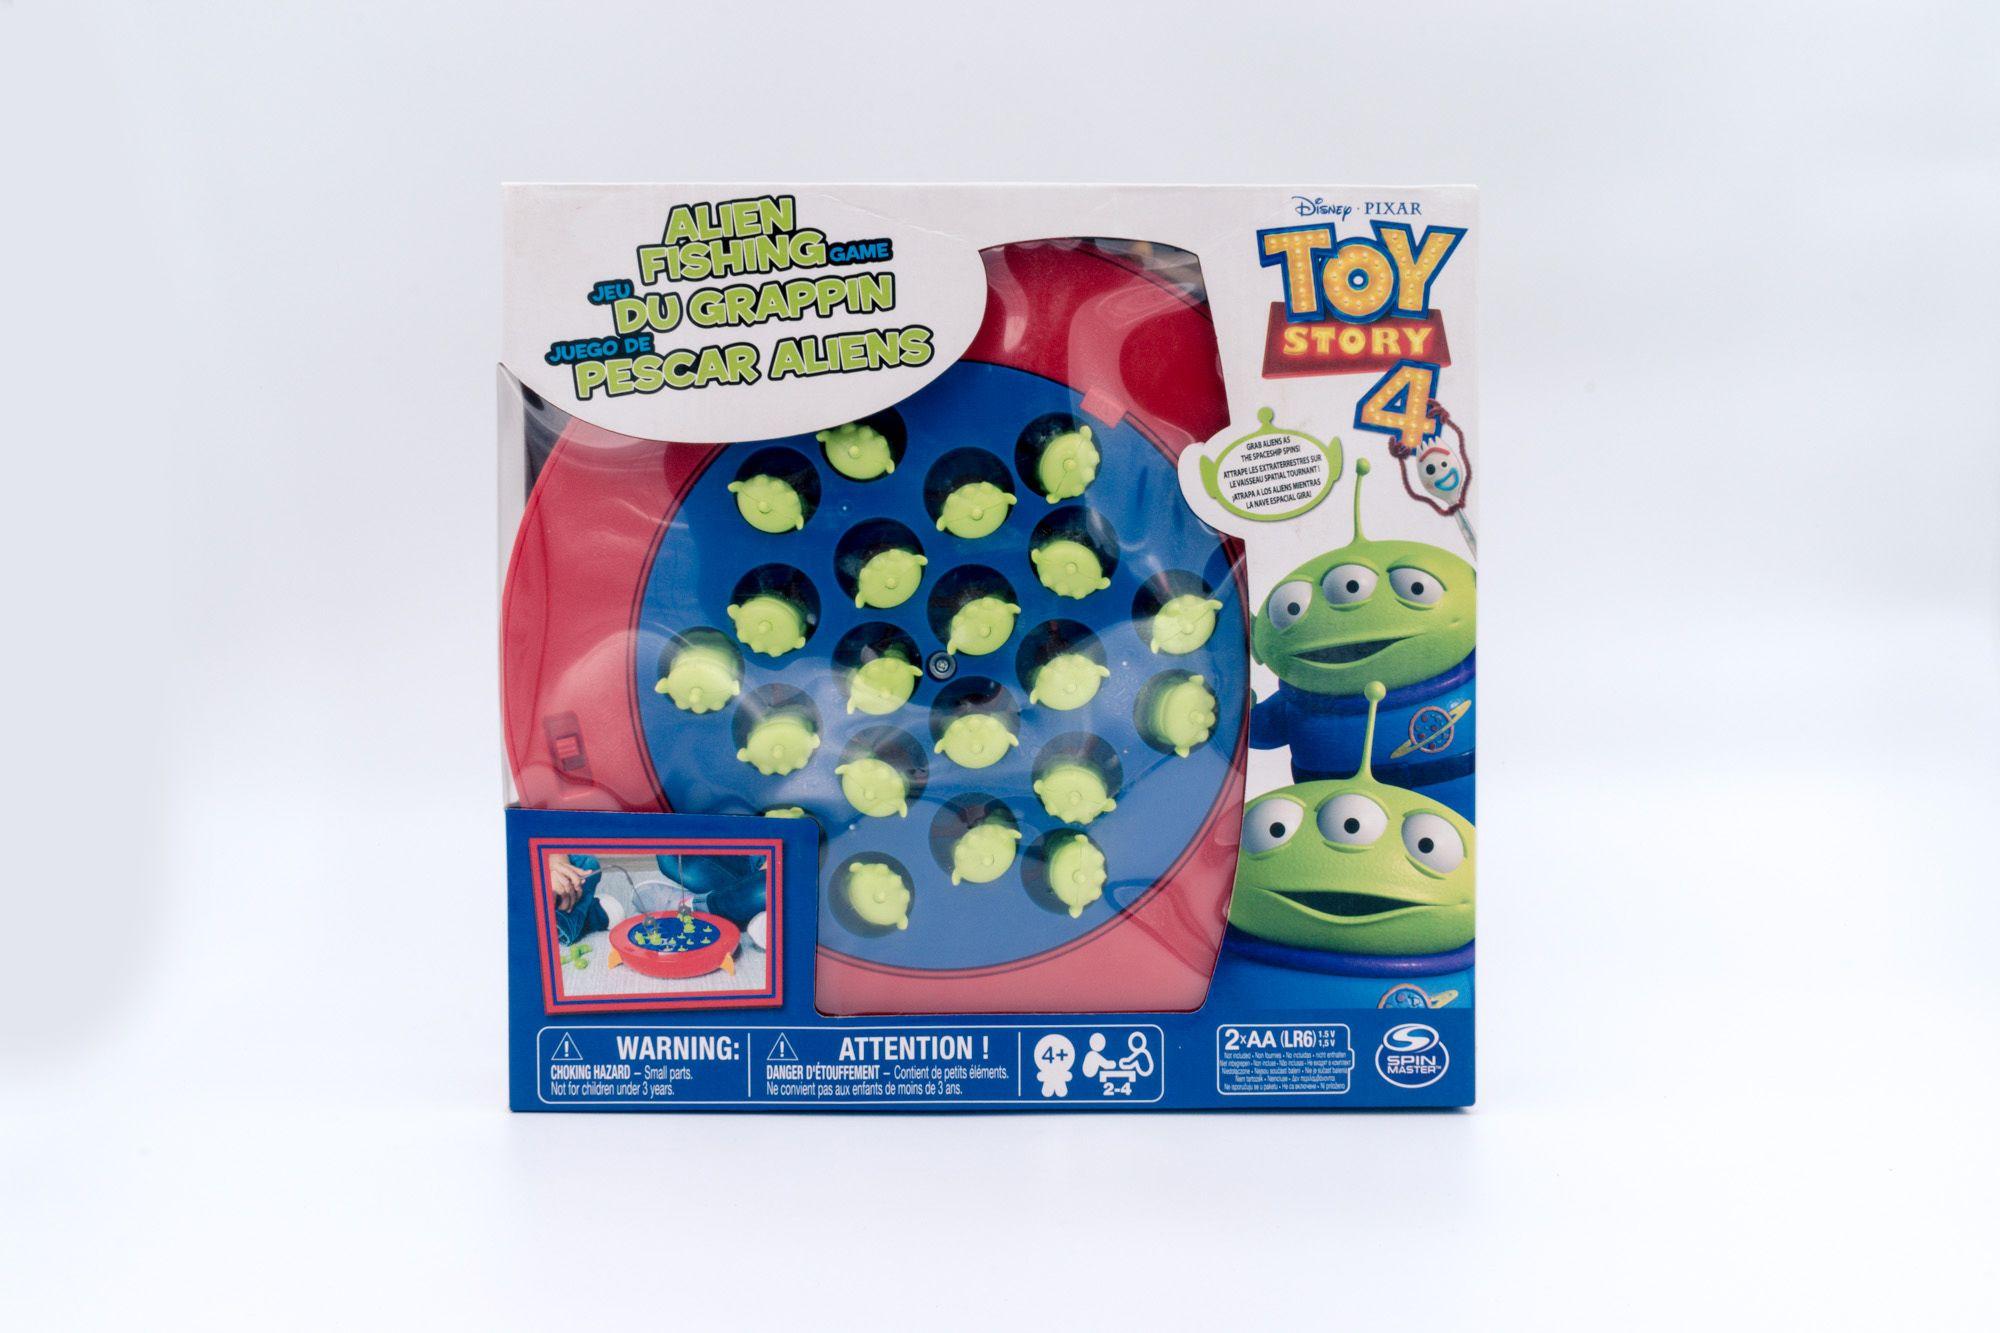 Toy Story 4 ribolovna igra vanzemaljac